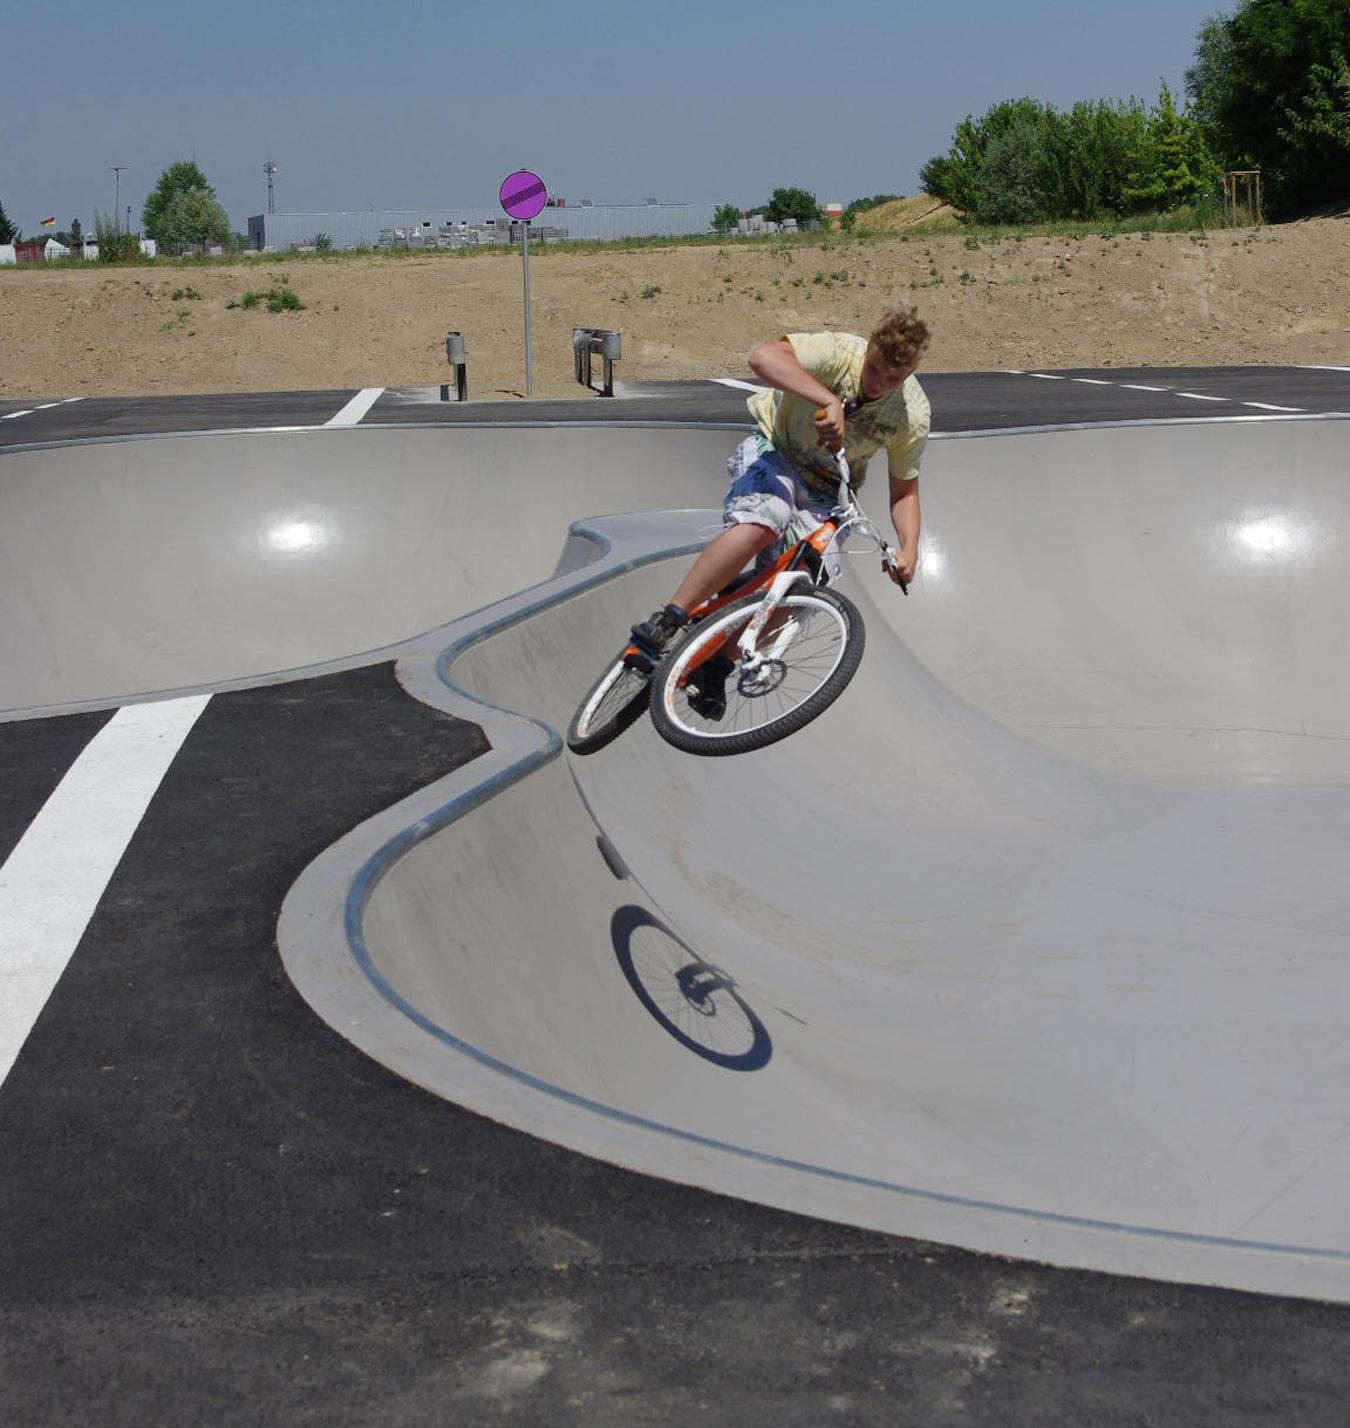 Stahnsdorf Skatepark7 a8